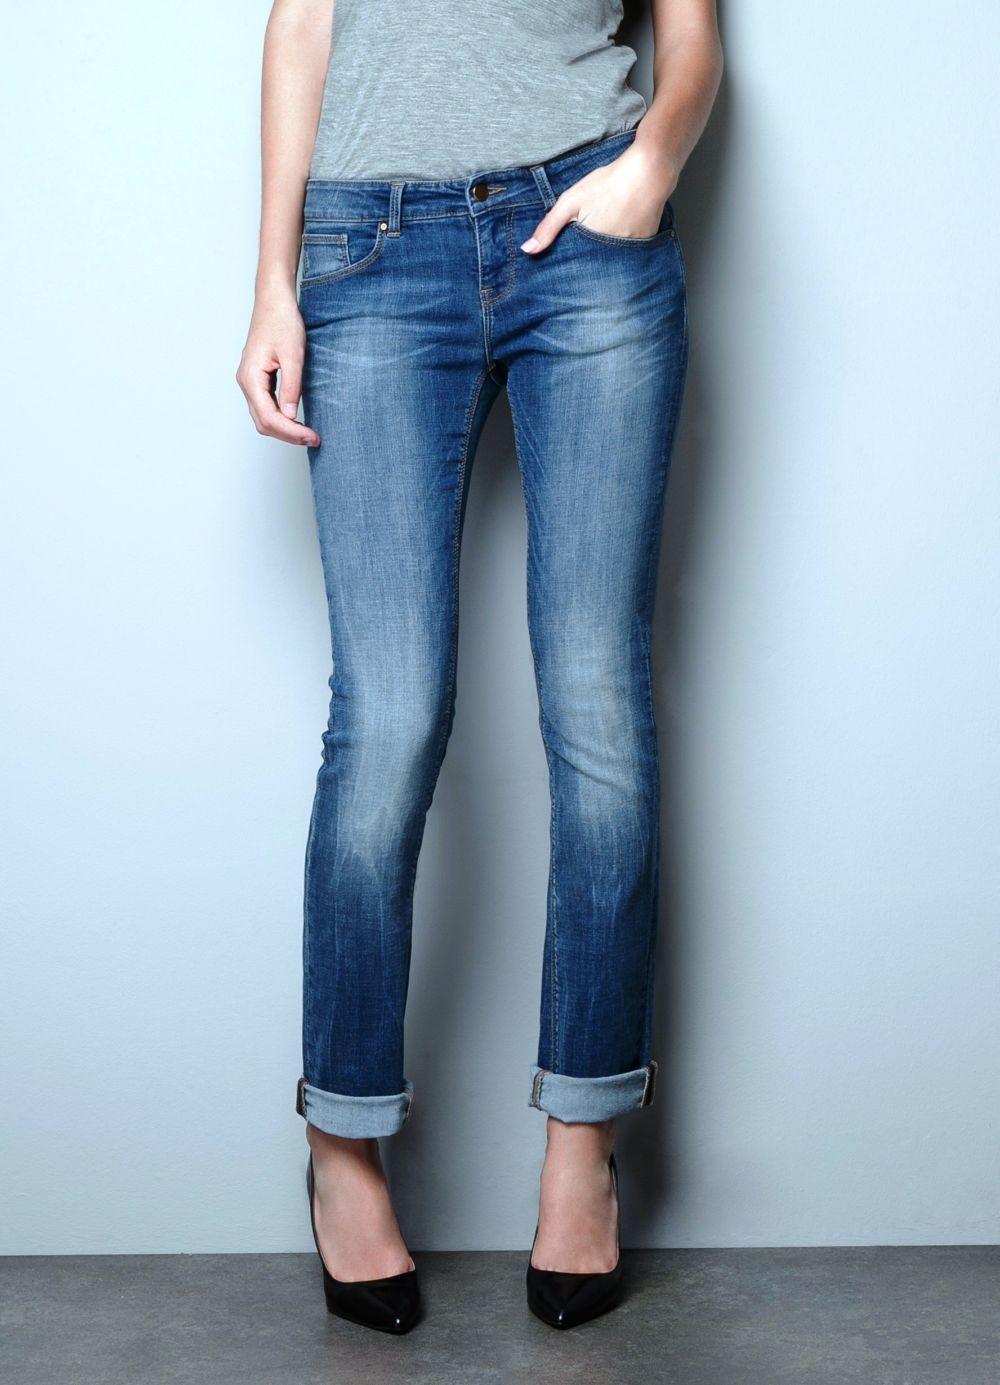 джинсы женские мода 2018: синие классика потертые подвернутые